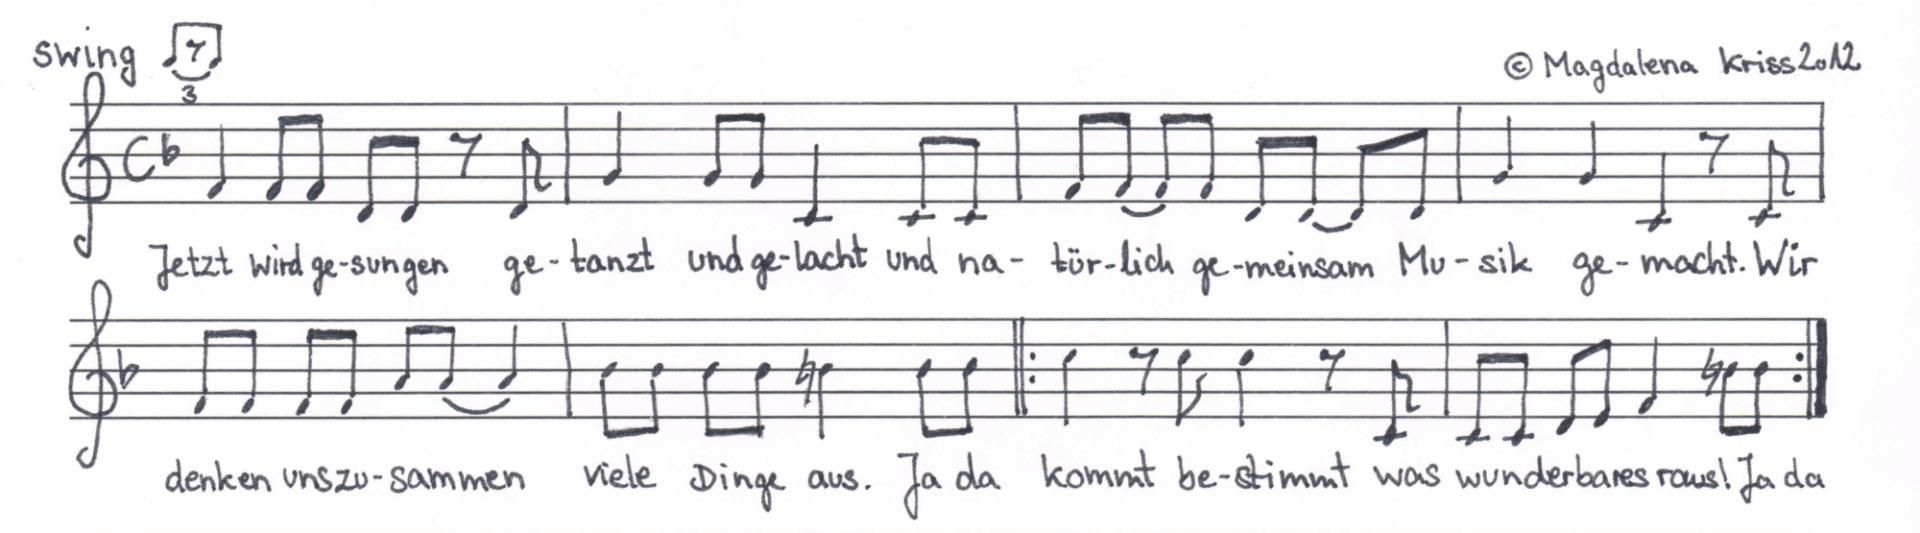 begruessungslied-notation